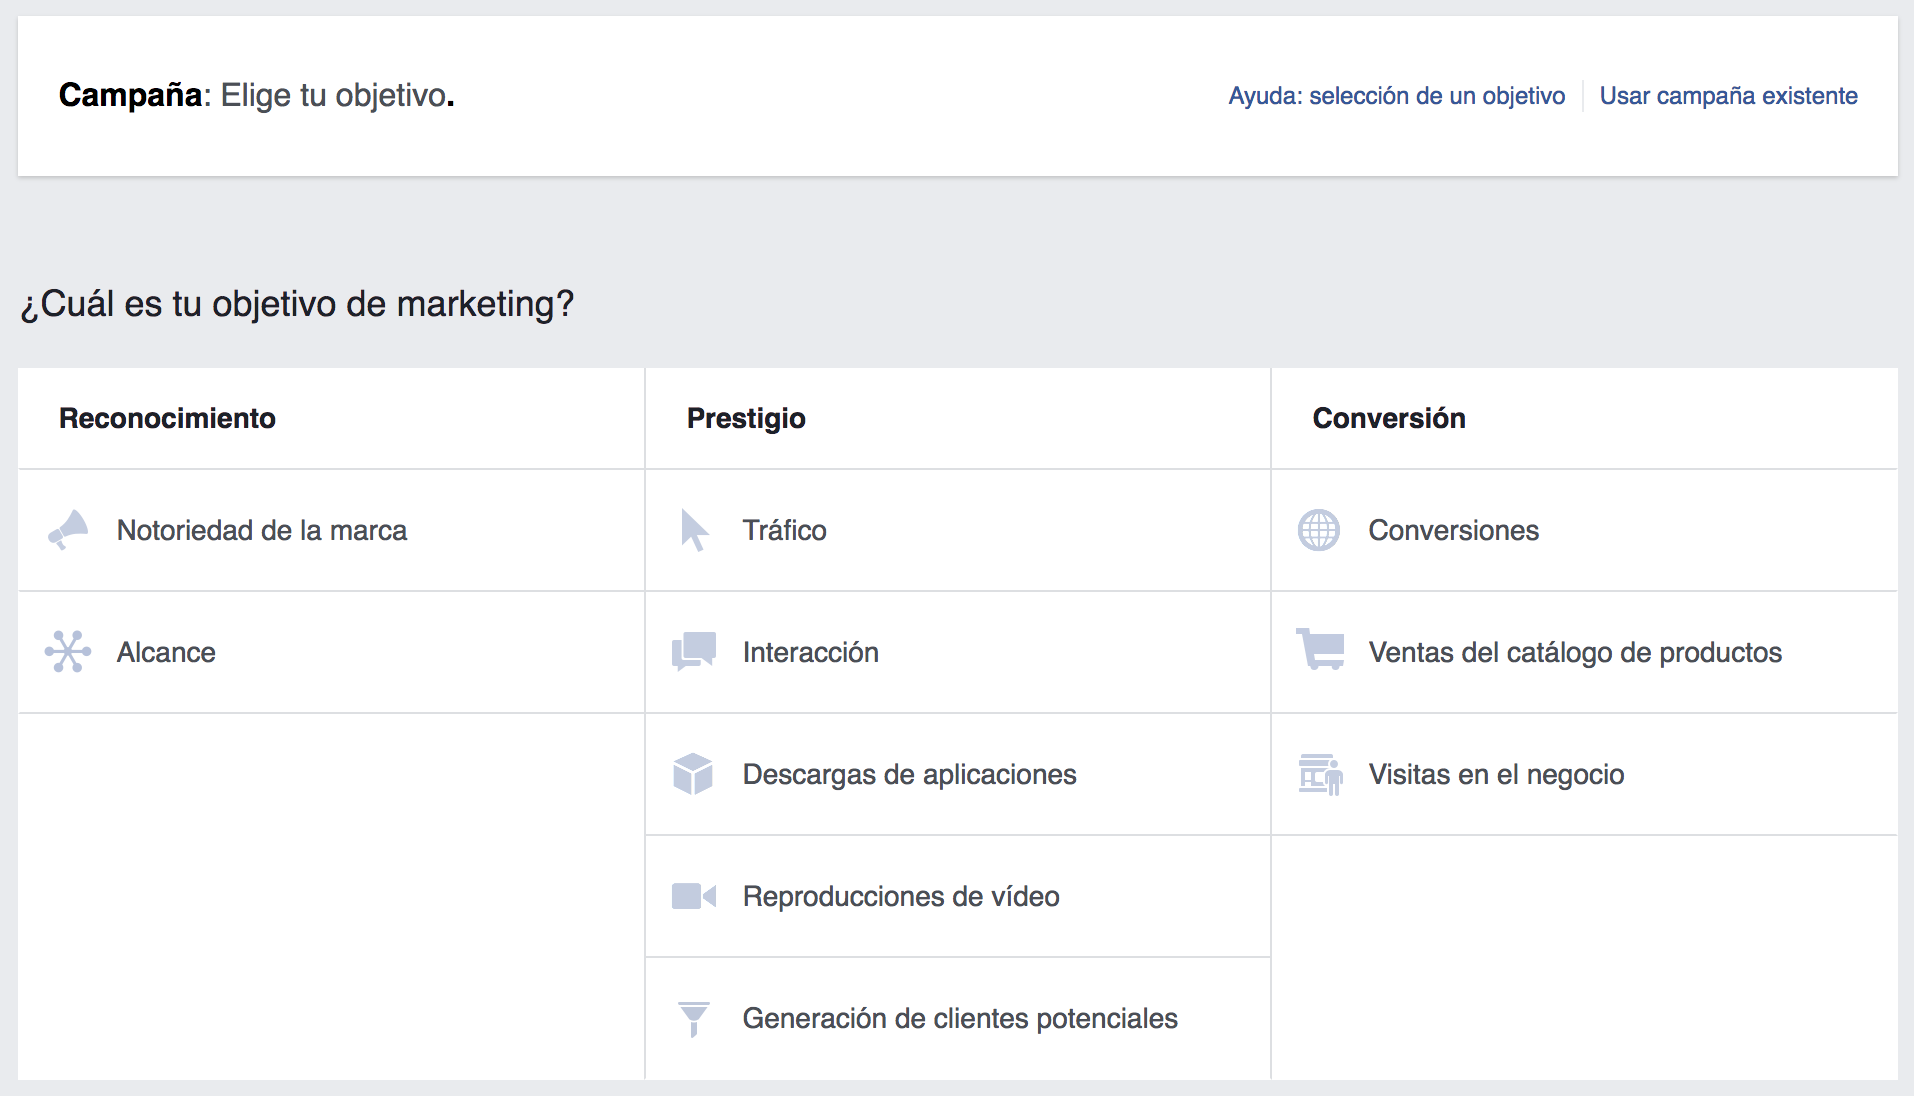 Elegir el objetivo de la campaña Facebook Ads